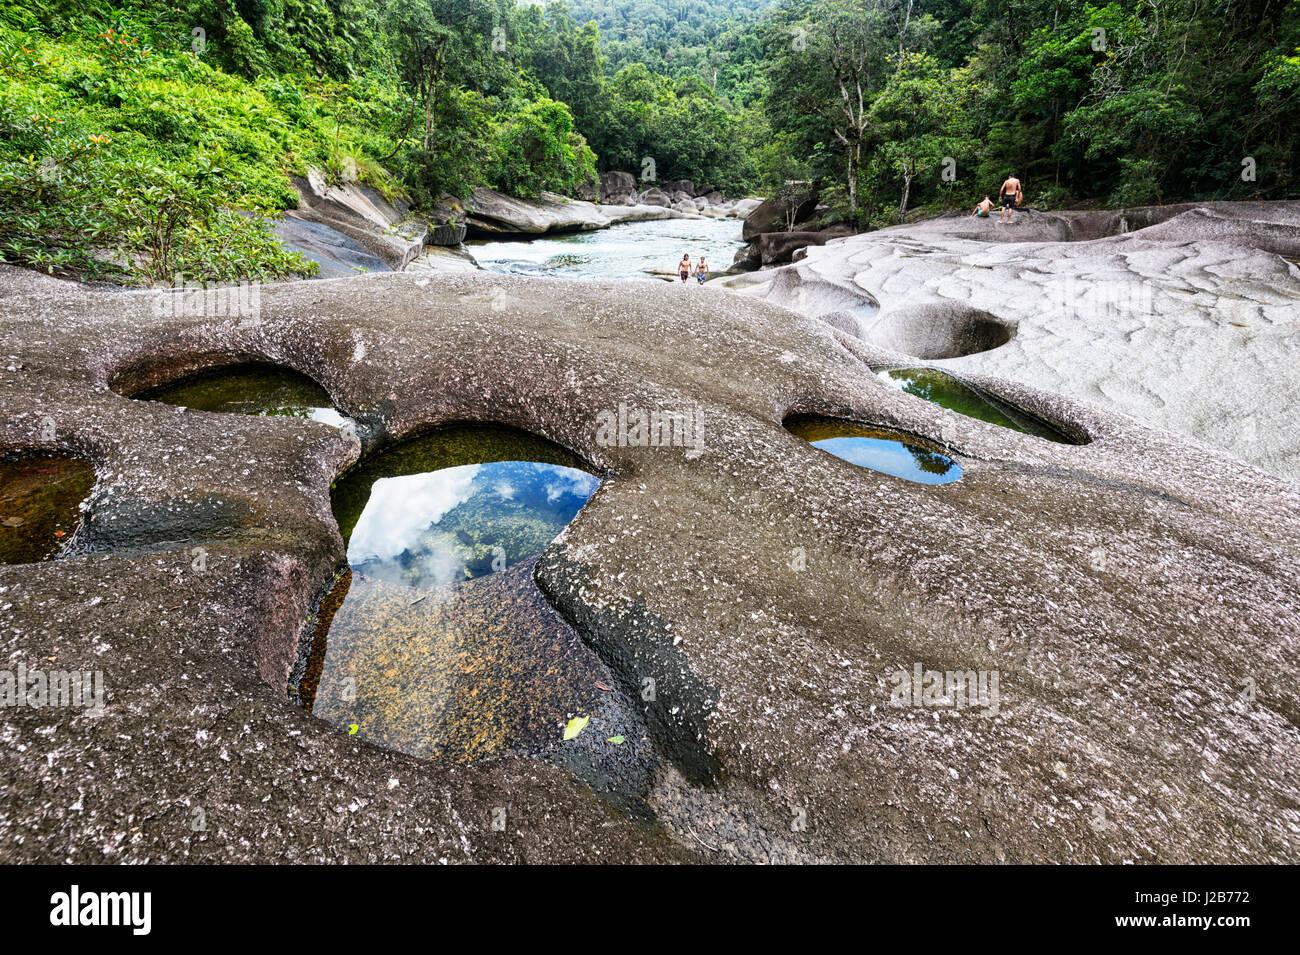 Rock Swimming Pool Stockfotos & Rock Swimming Pool Bilder ...